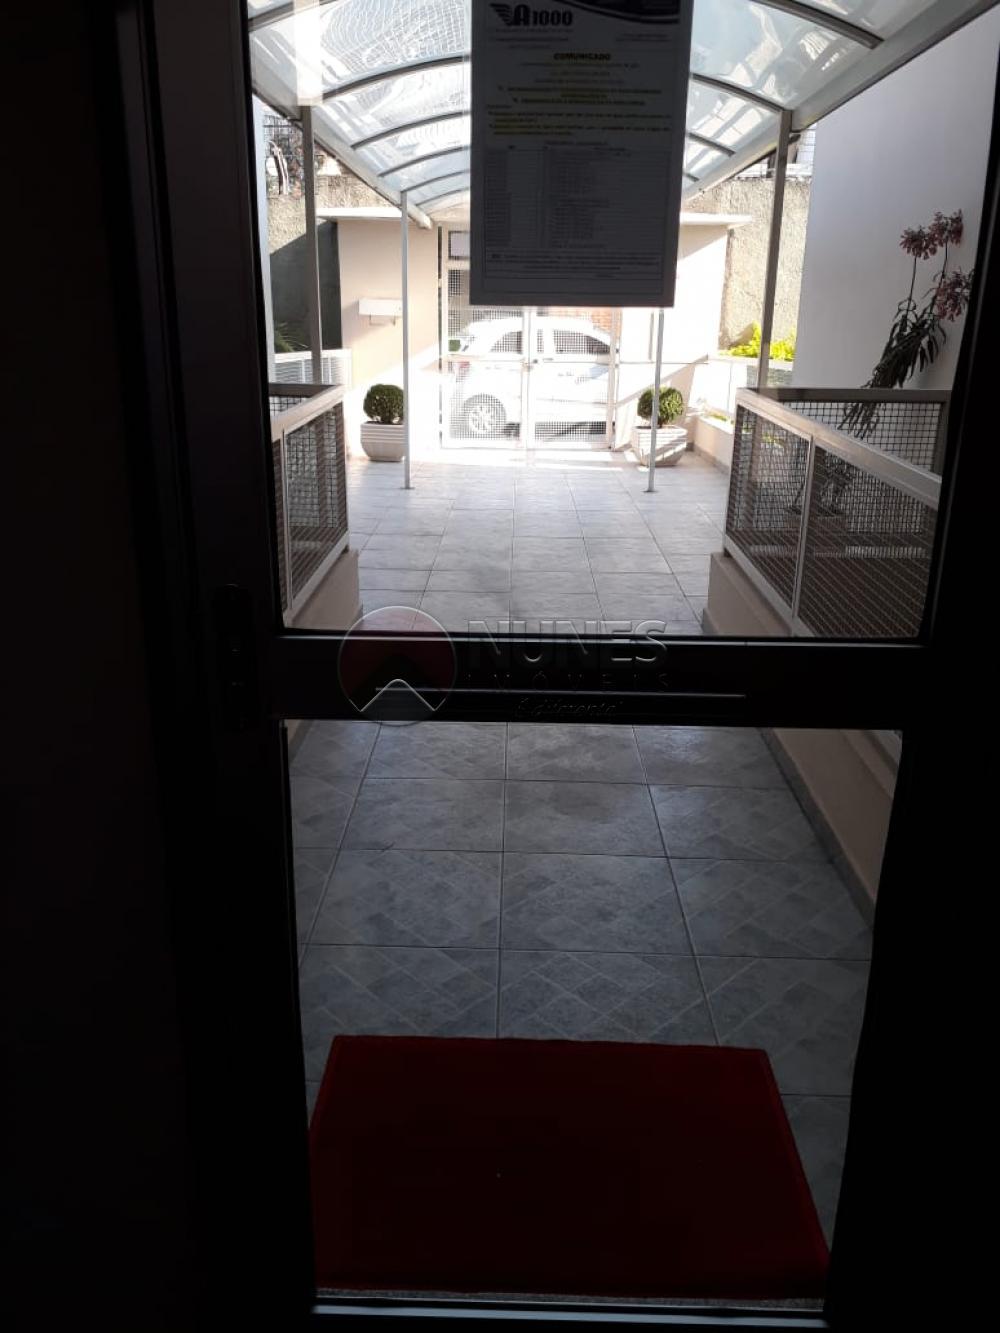 Comprar Apartamento / Padrão em Osasco apenas R$ 235.000,00 - Foto 19